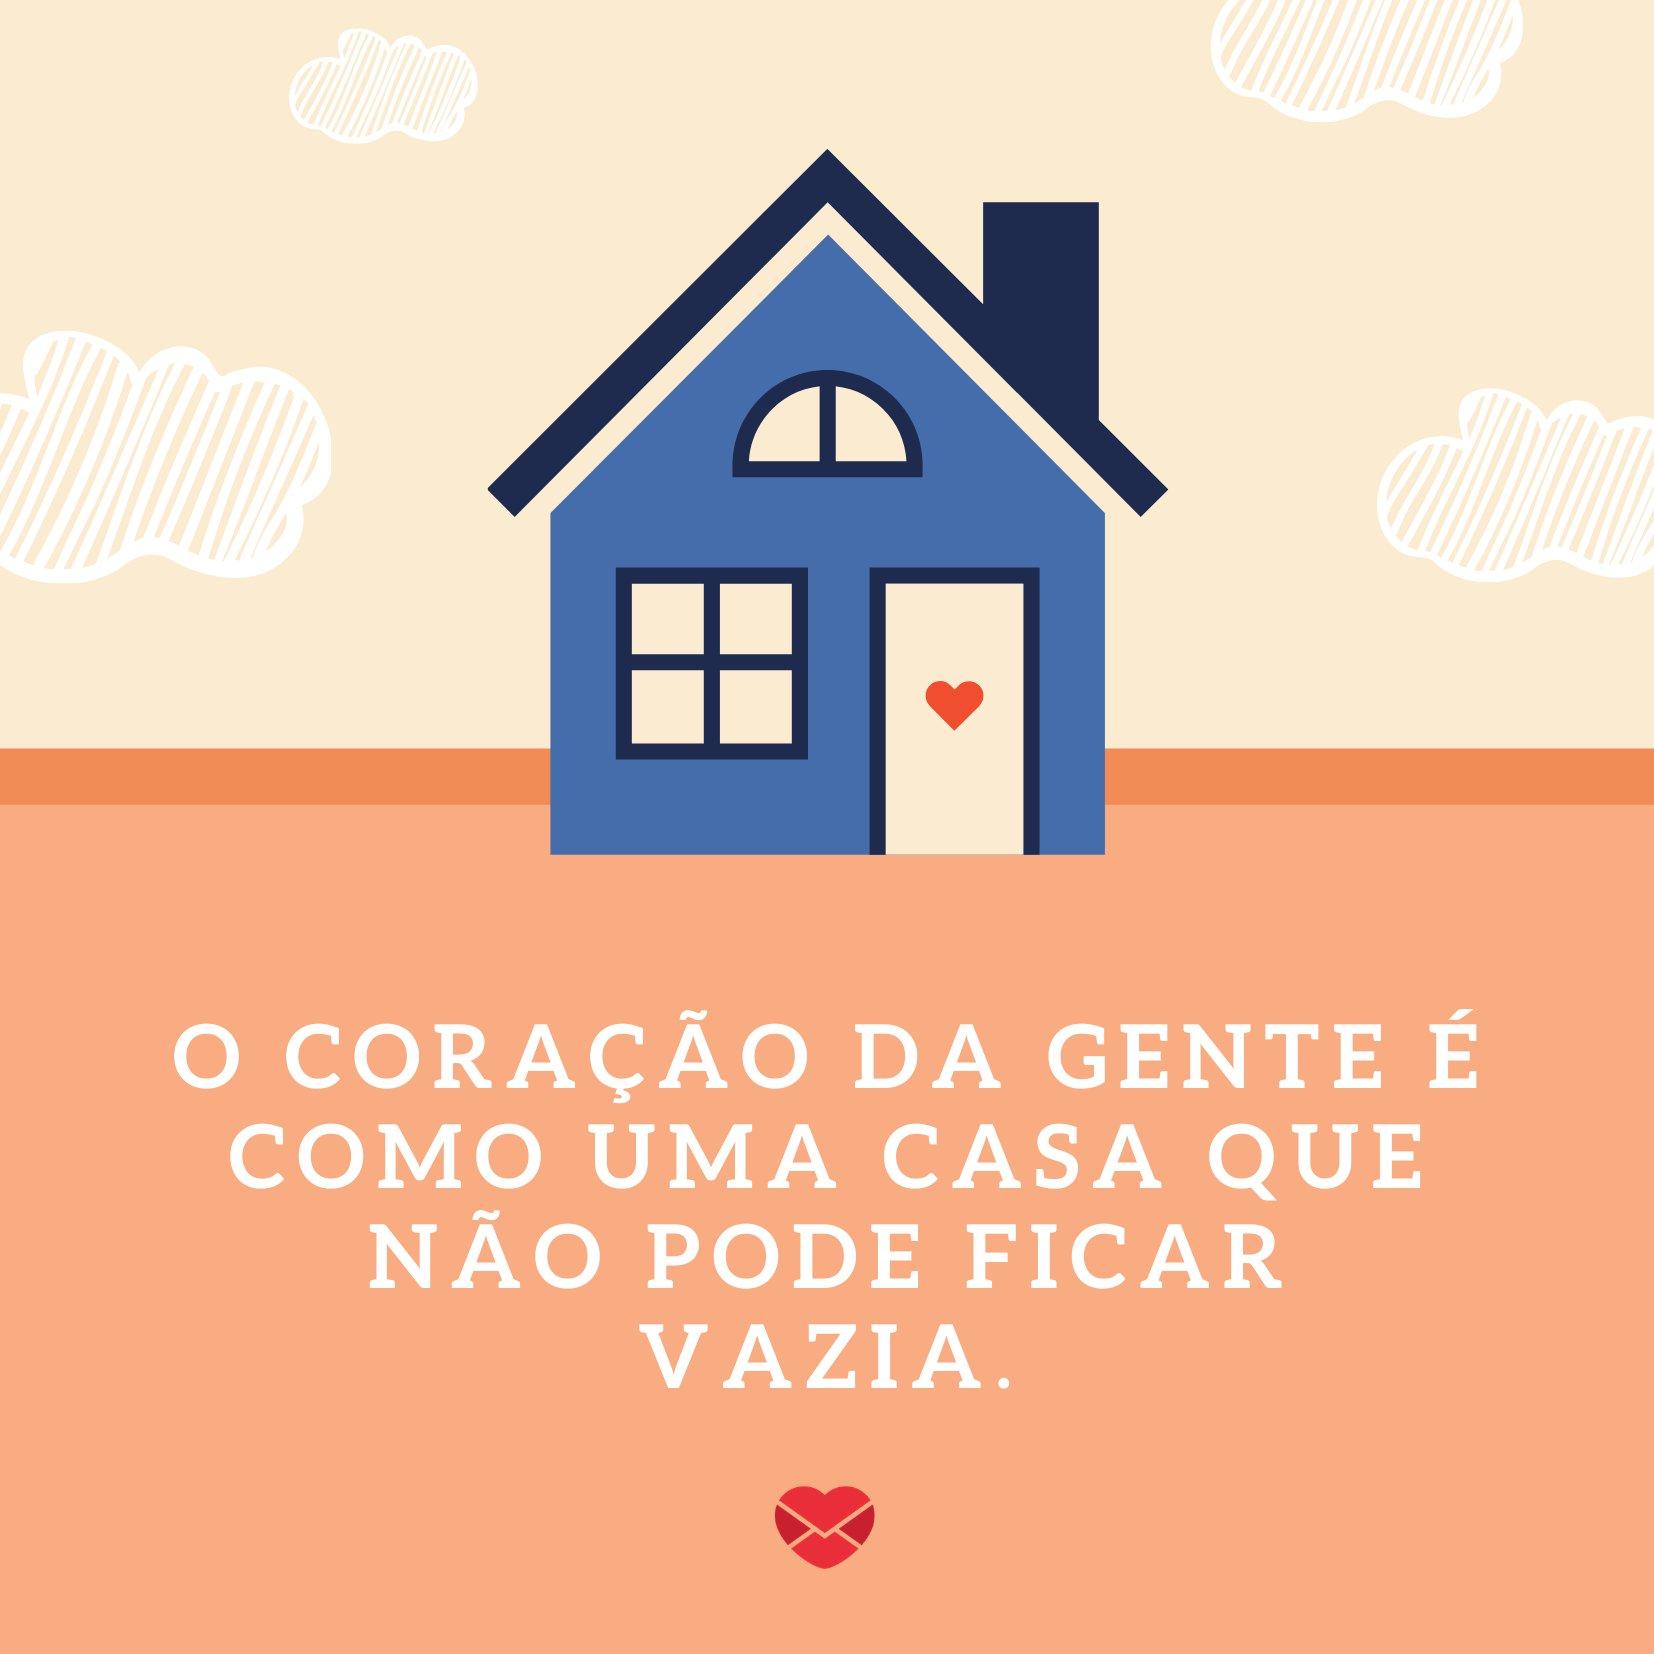 'O coração da gente é como uma casa que não pode ficar vazia.' - Frases para Convites